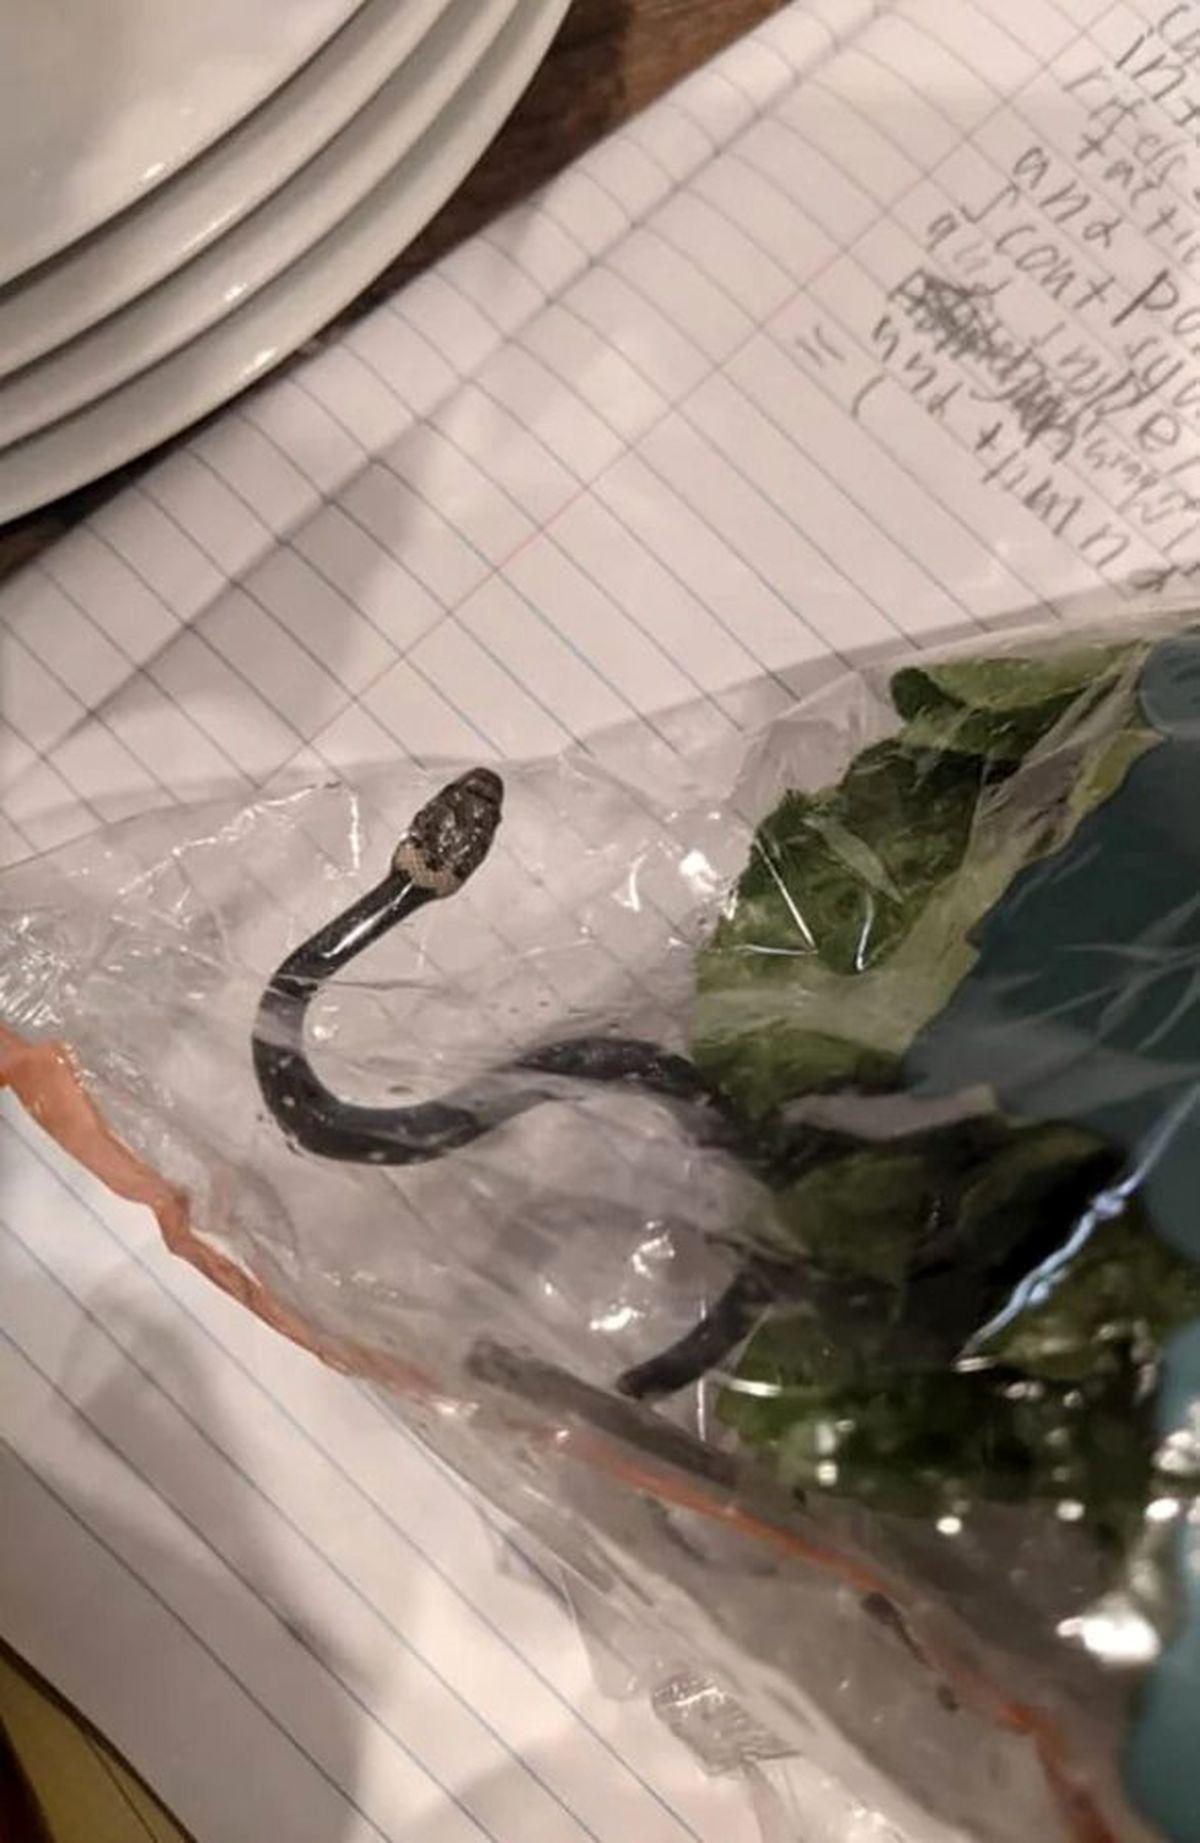 پیدا شدن مار زنده در بسته سالاد! +عکس